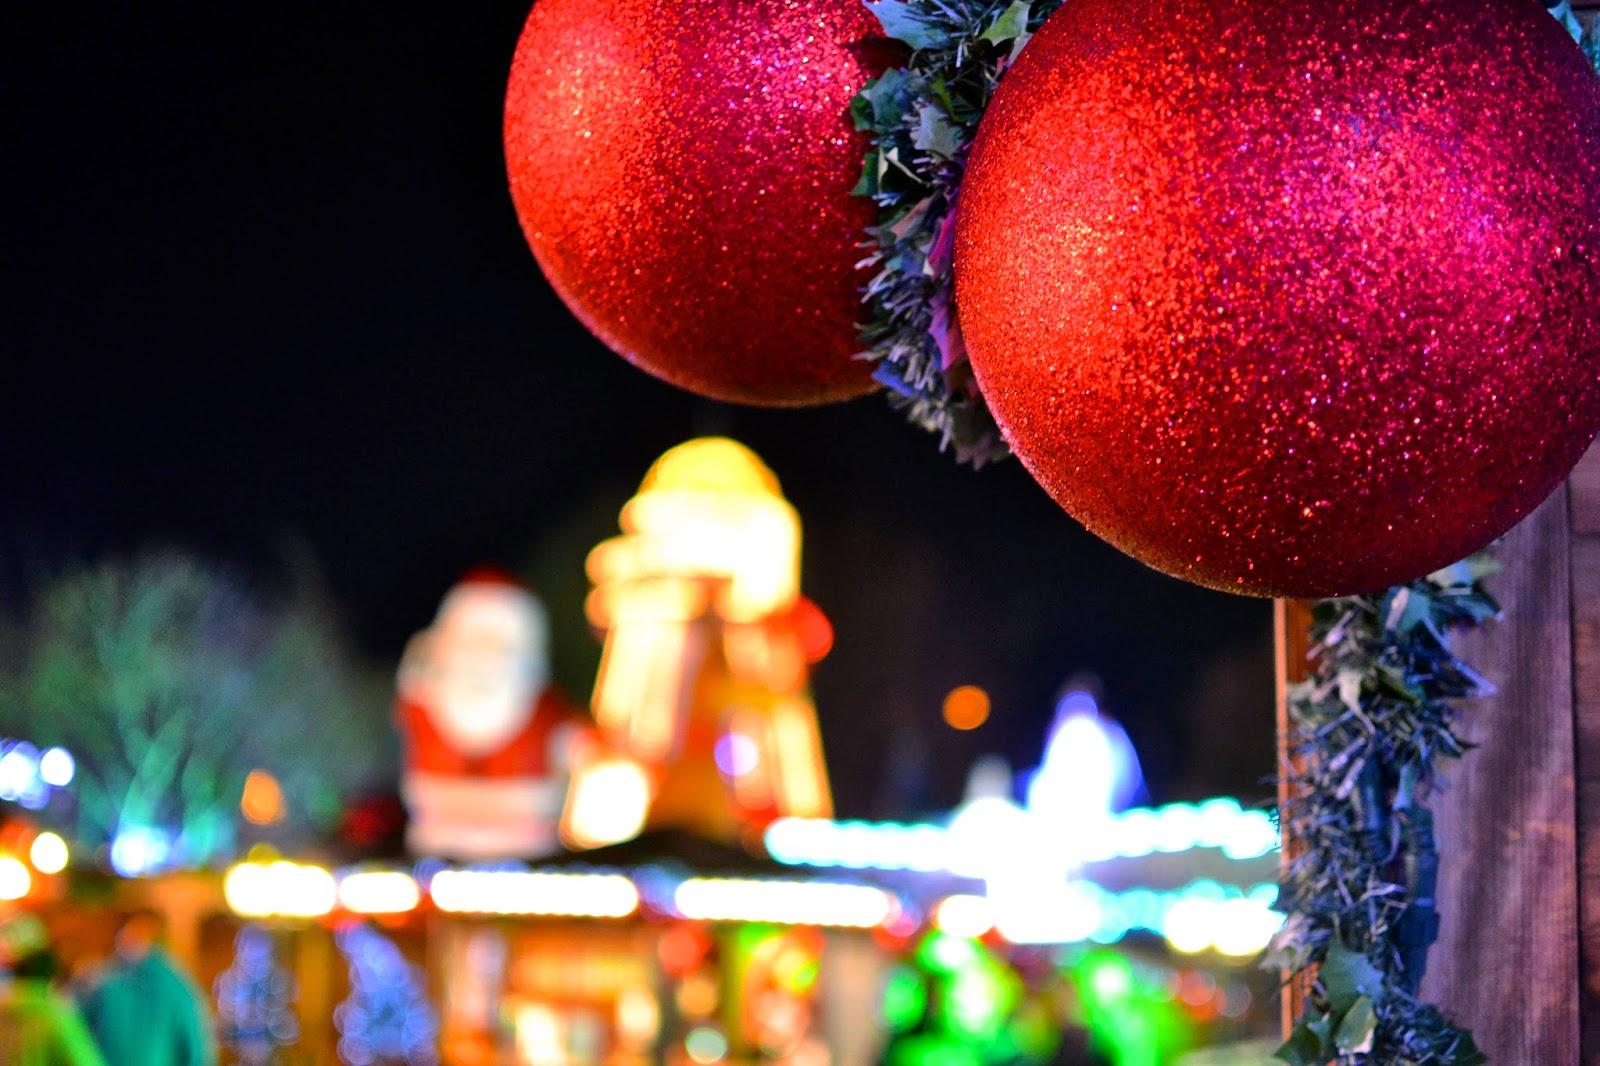 Cardiff Winter Wonderland Lights